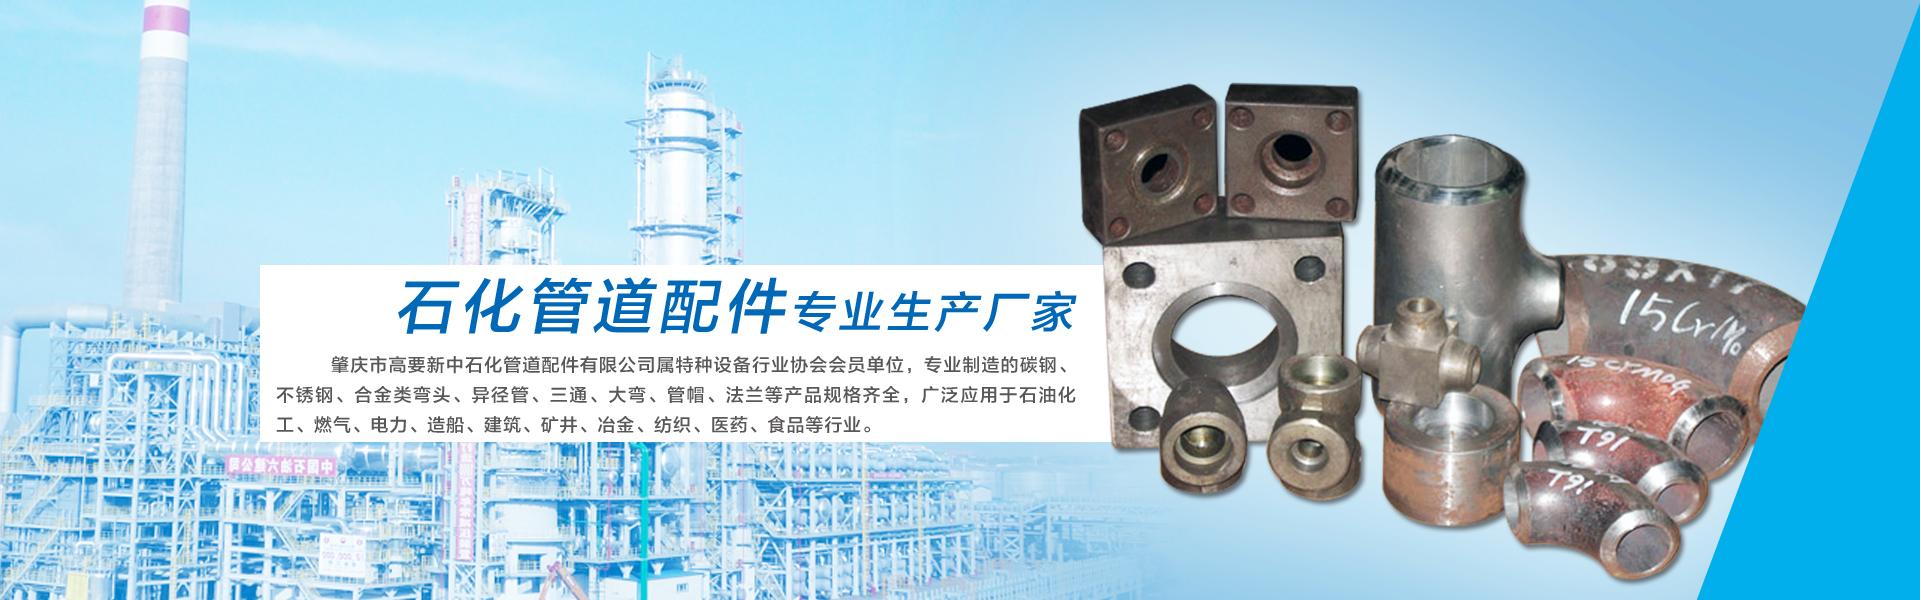 本公司已取得壓力管道元件制造許可資格,并通過ISO9001:2008標準體系認證。